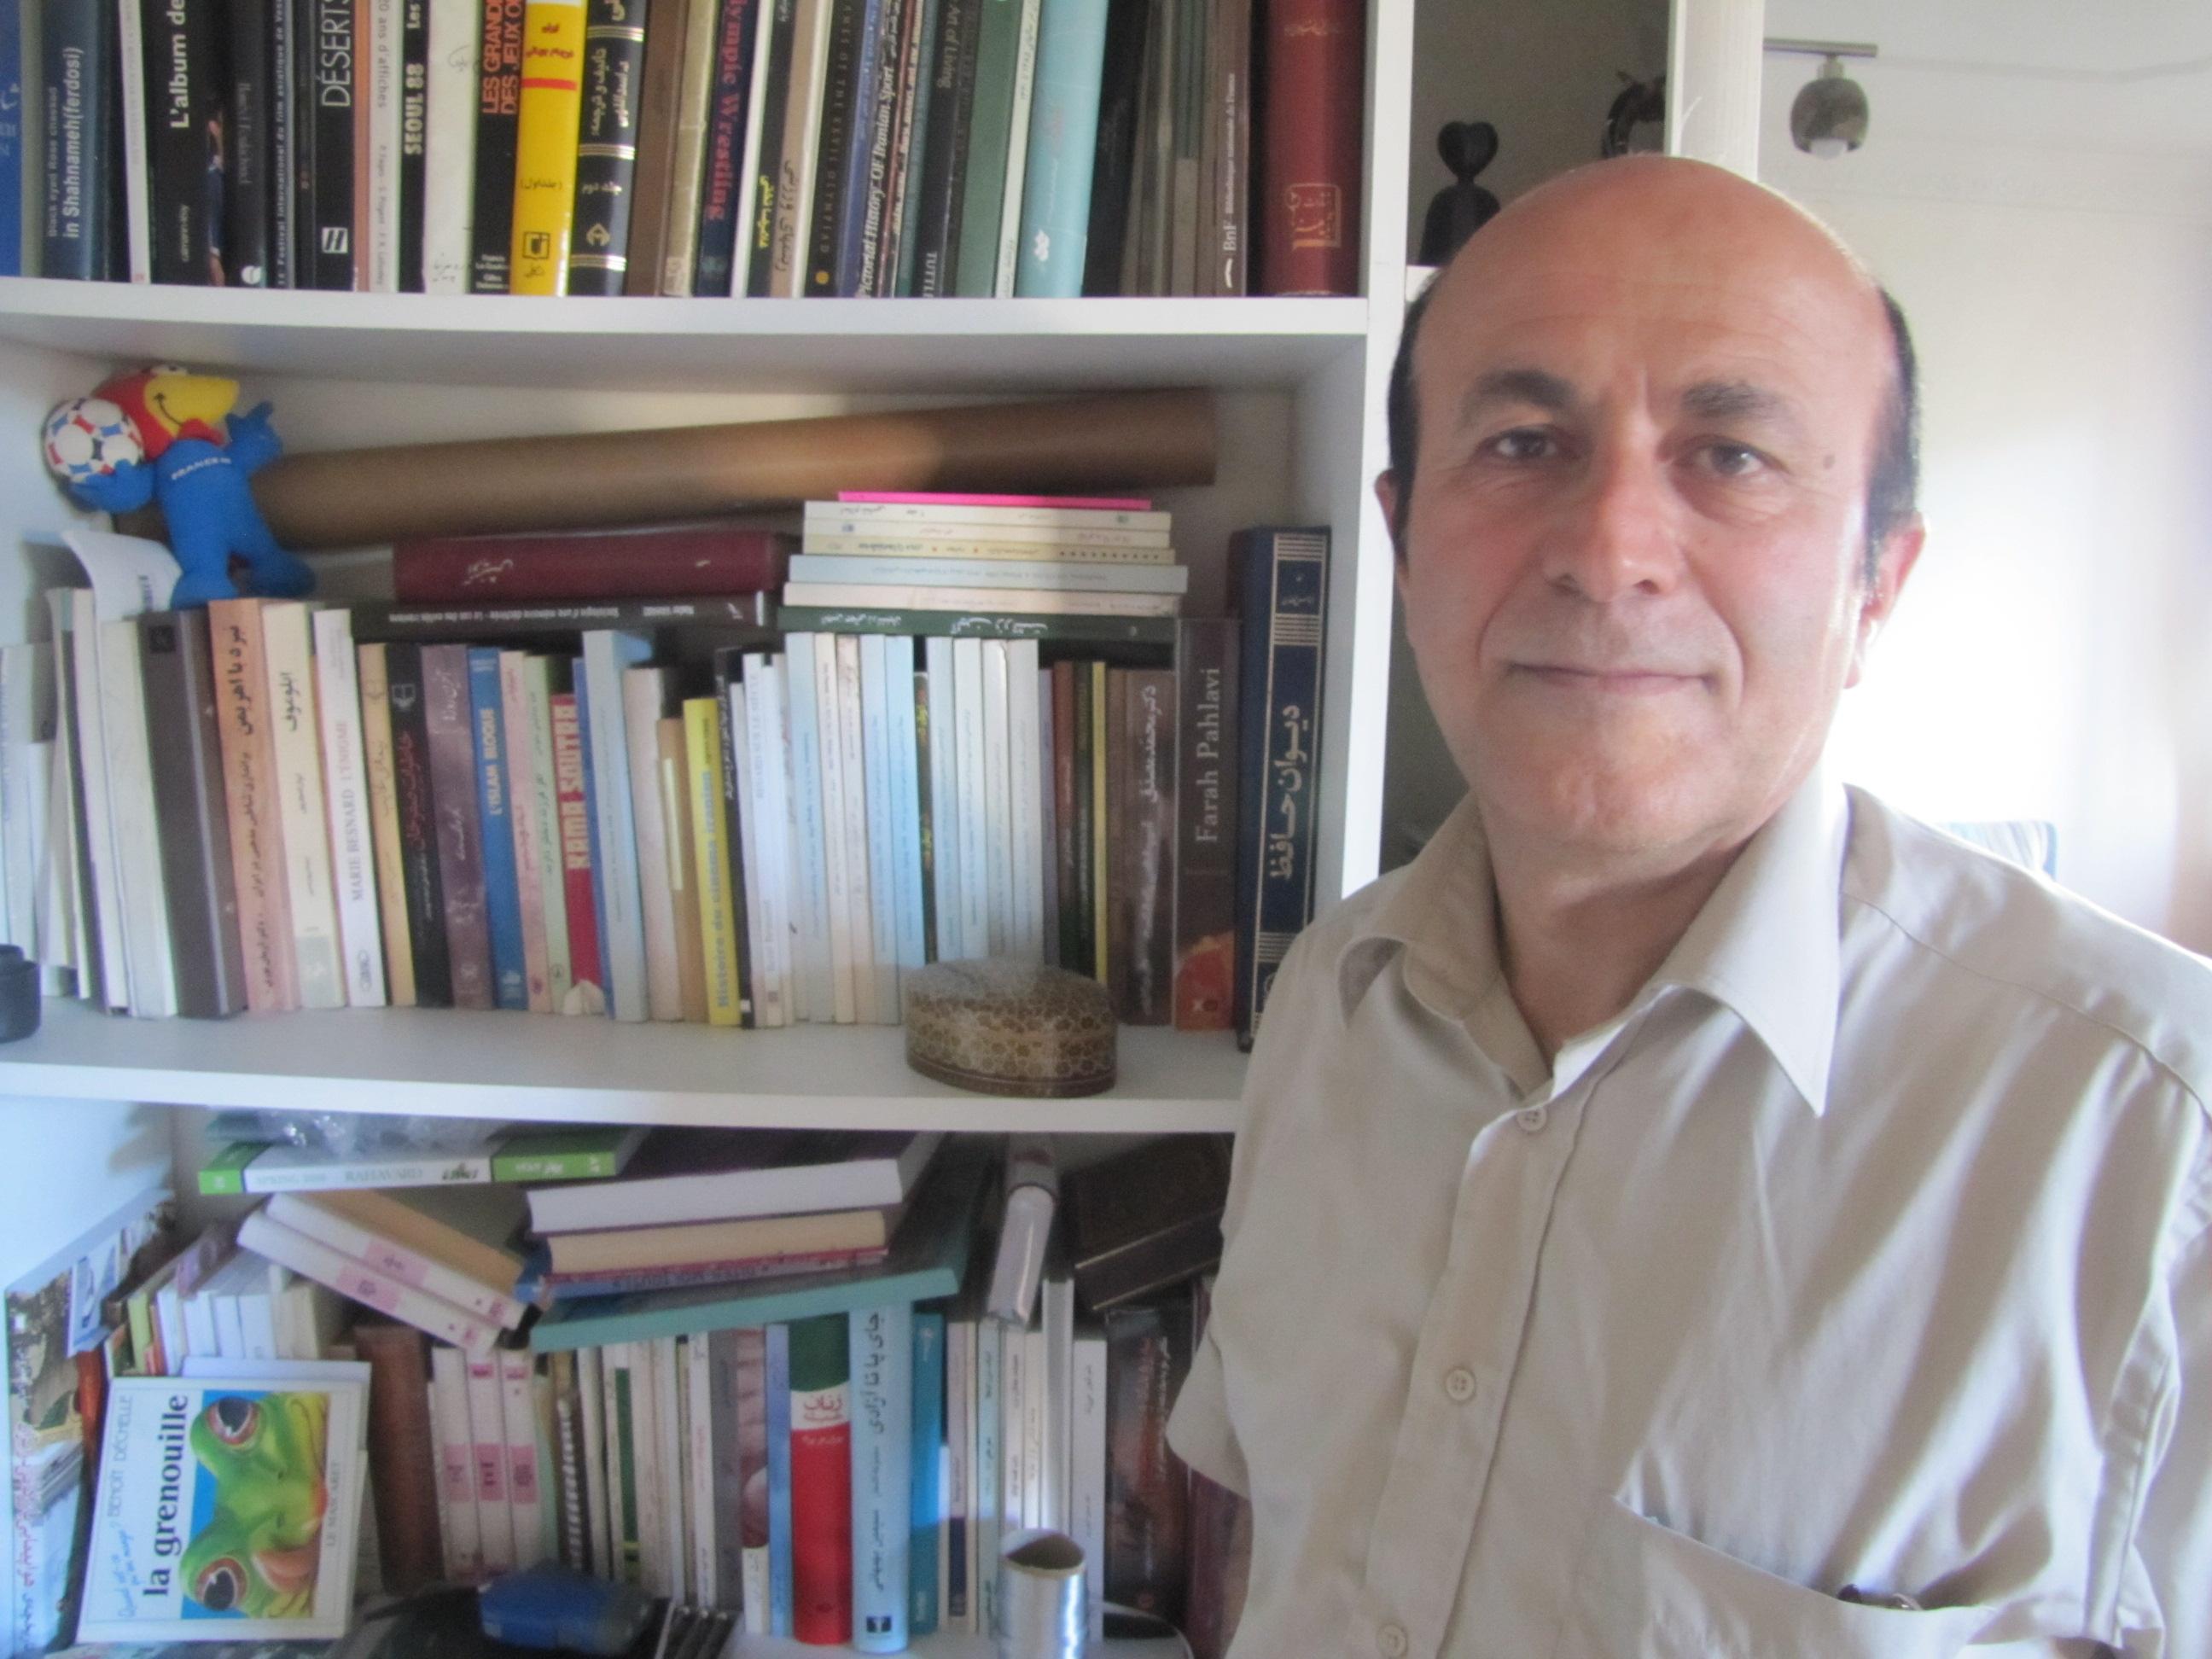 نادر وهابی: پناهندگان سیاسی، متمایل به حاشیهگراییاند/ مرتضی هامونیان